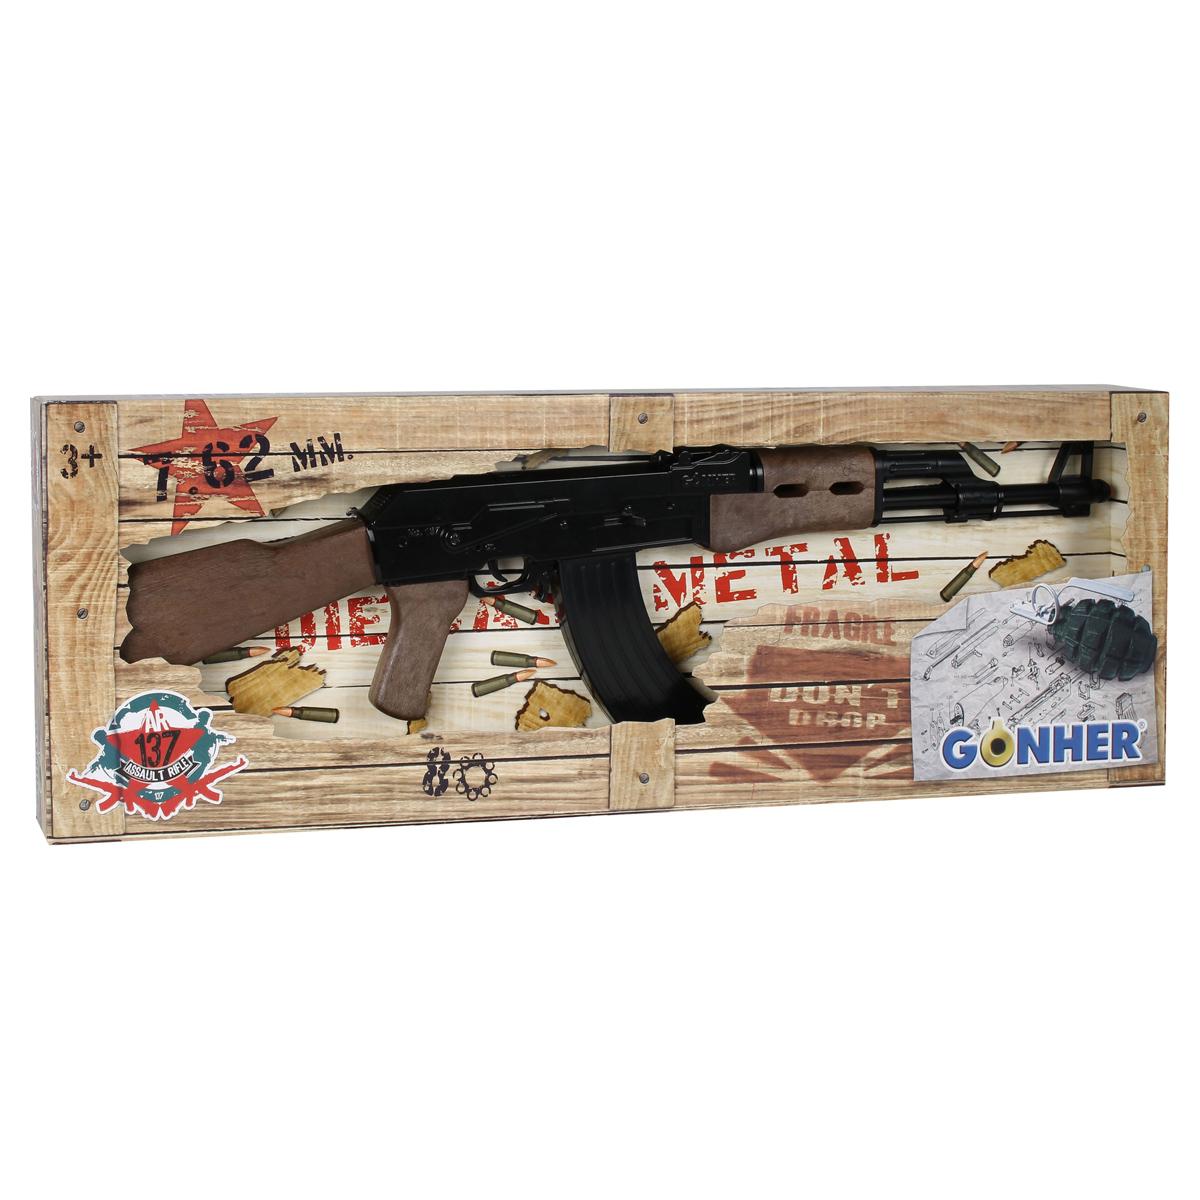 تفنگ بازی گانهر طرح کلاشنیکف کد 137